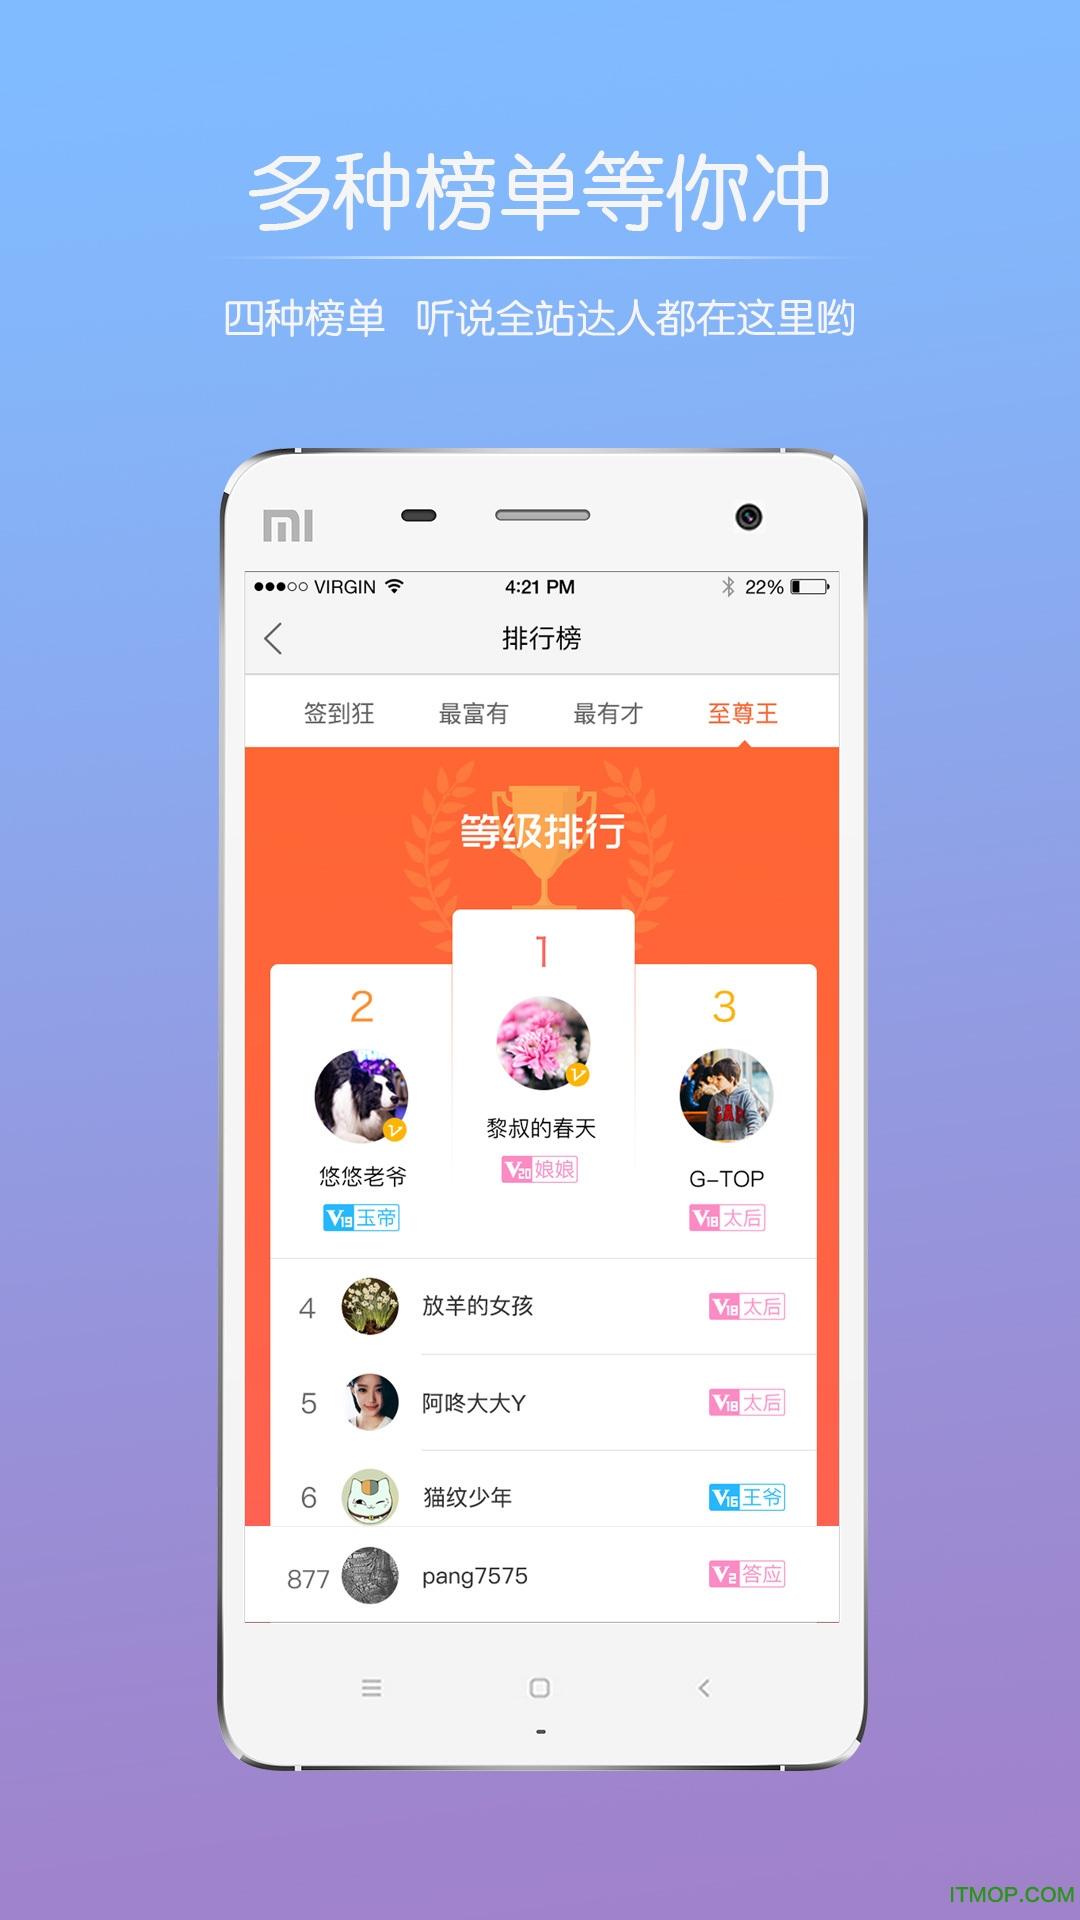 汉丰湖畔app v2.1.0 安卓版3